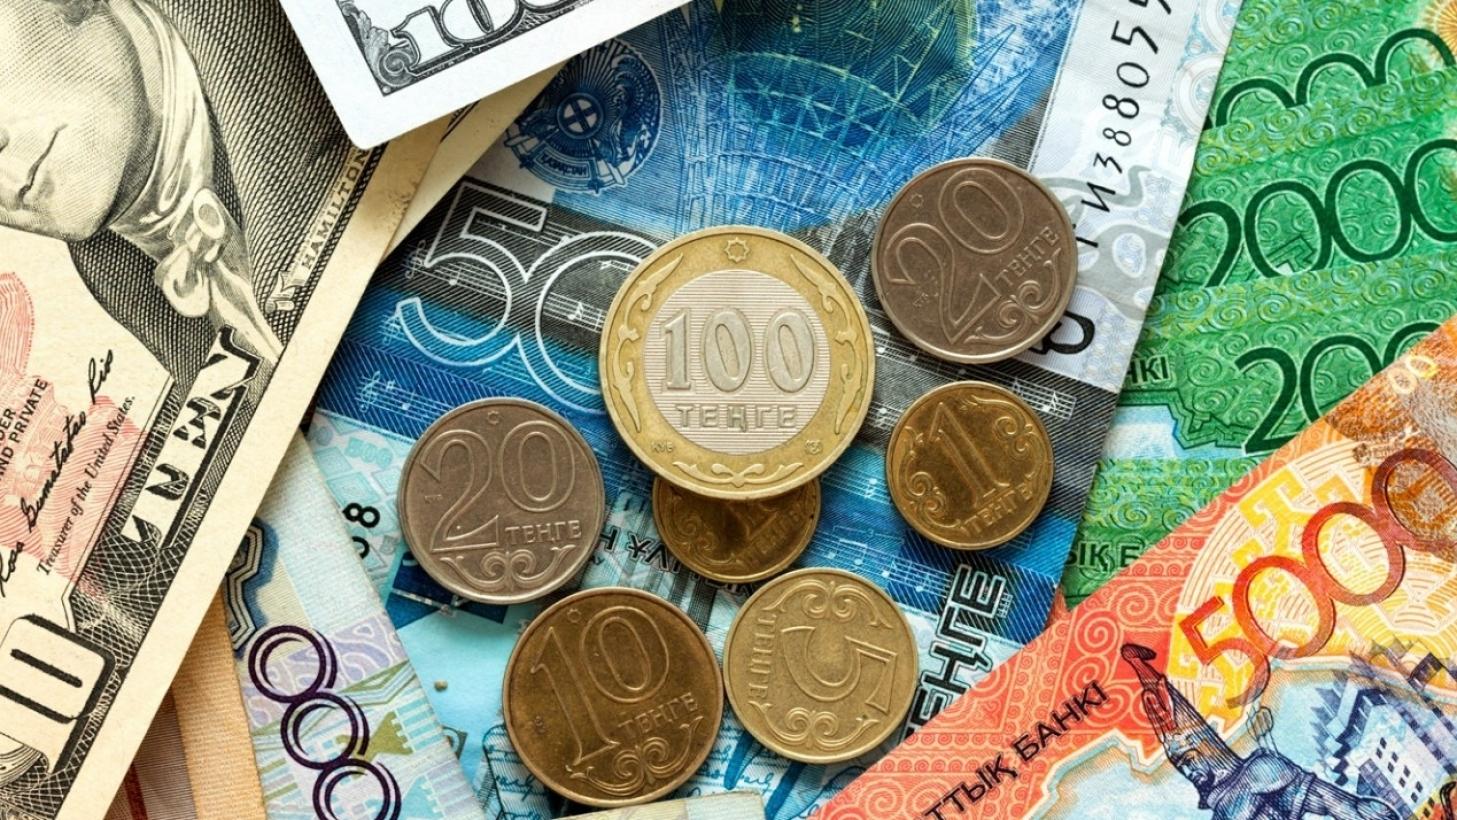 АФК обещает курс 379 тенге за доллар